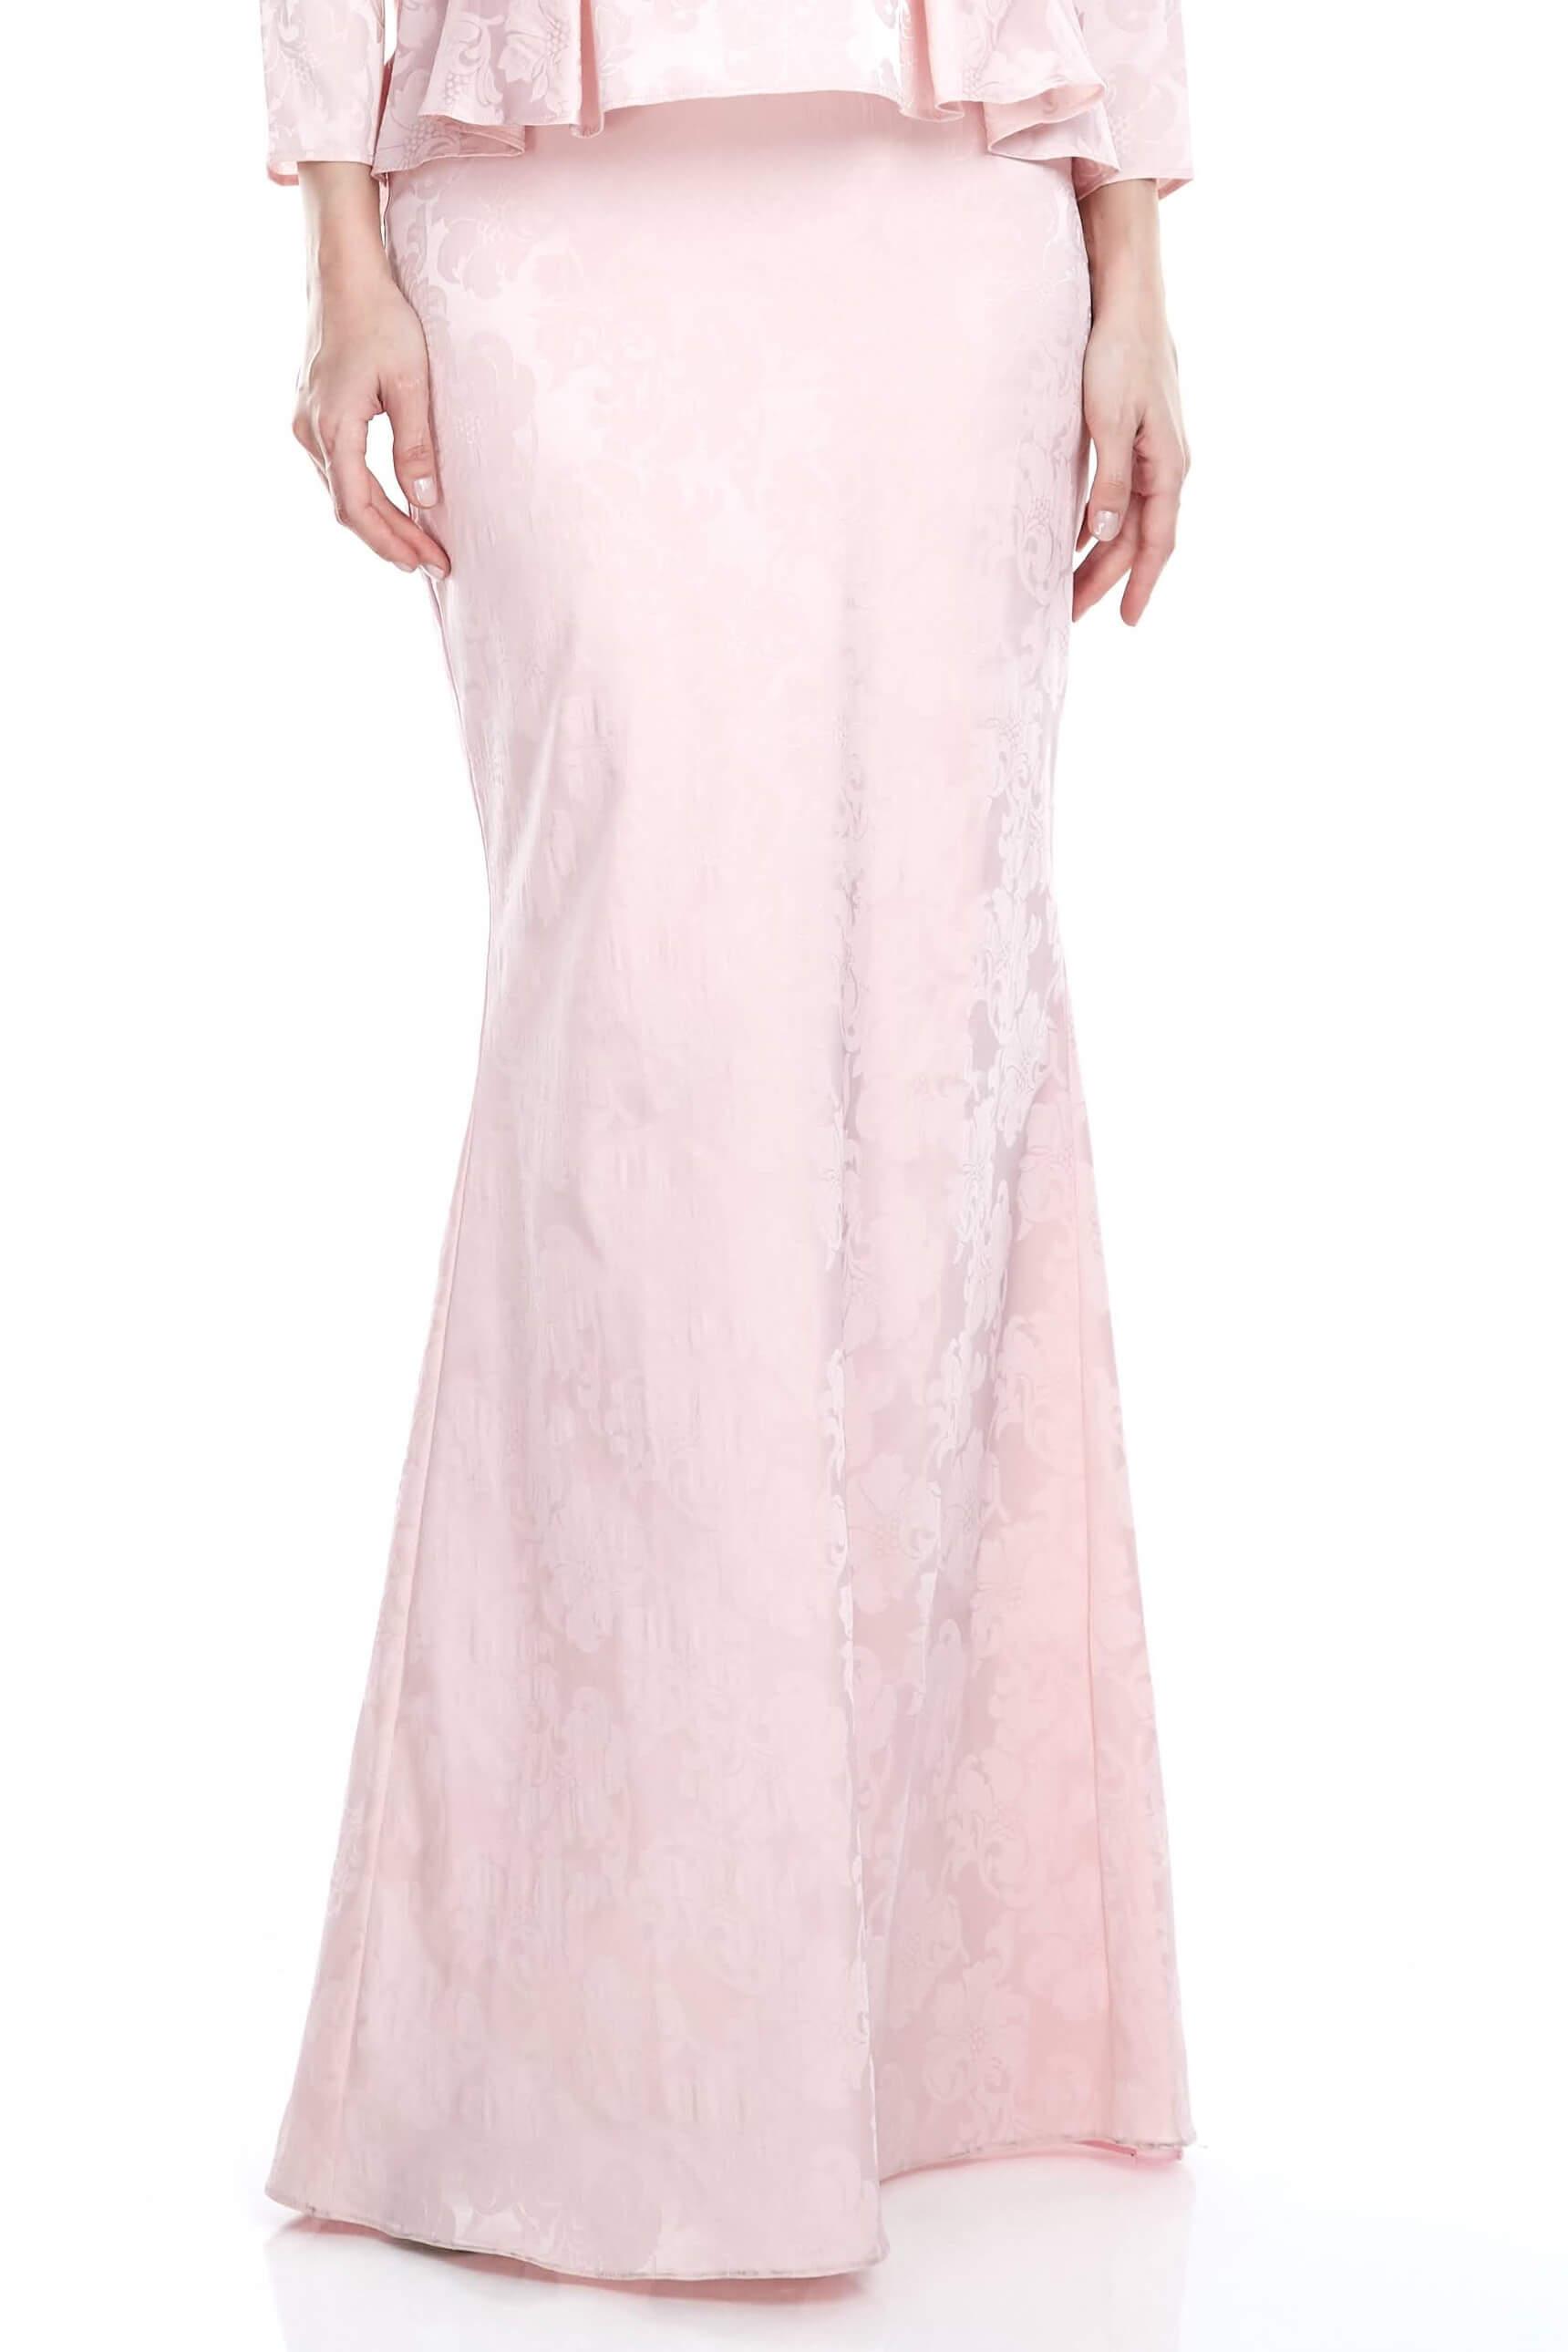 Pink Mermaid Skirt (3)